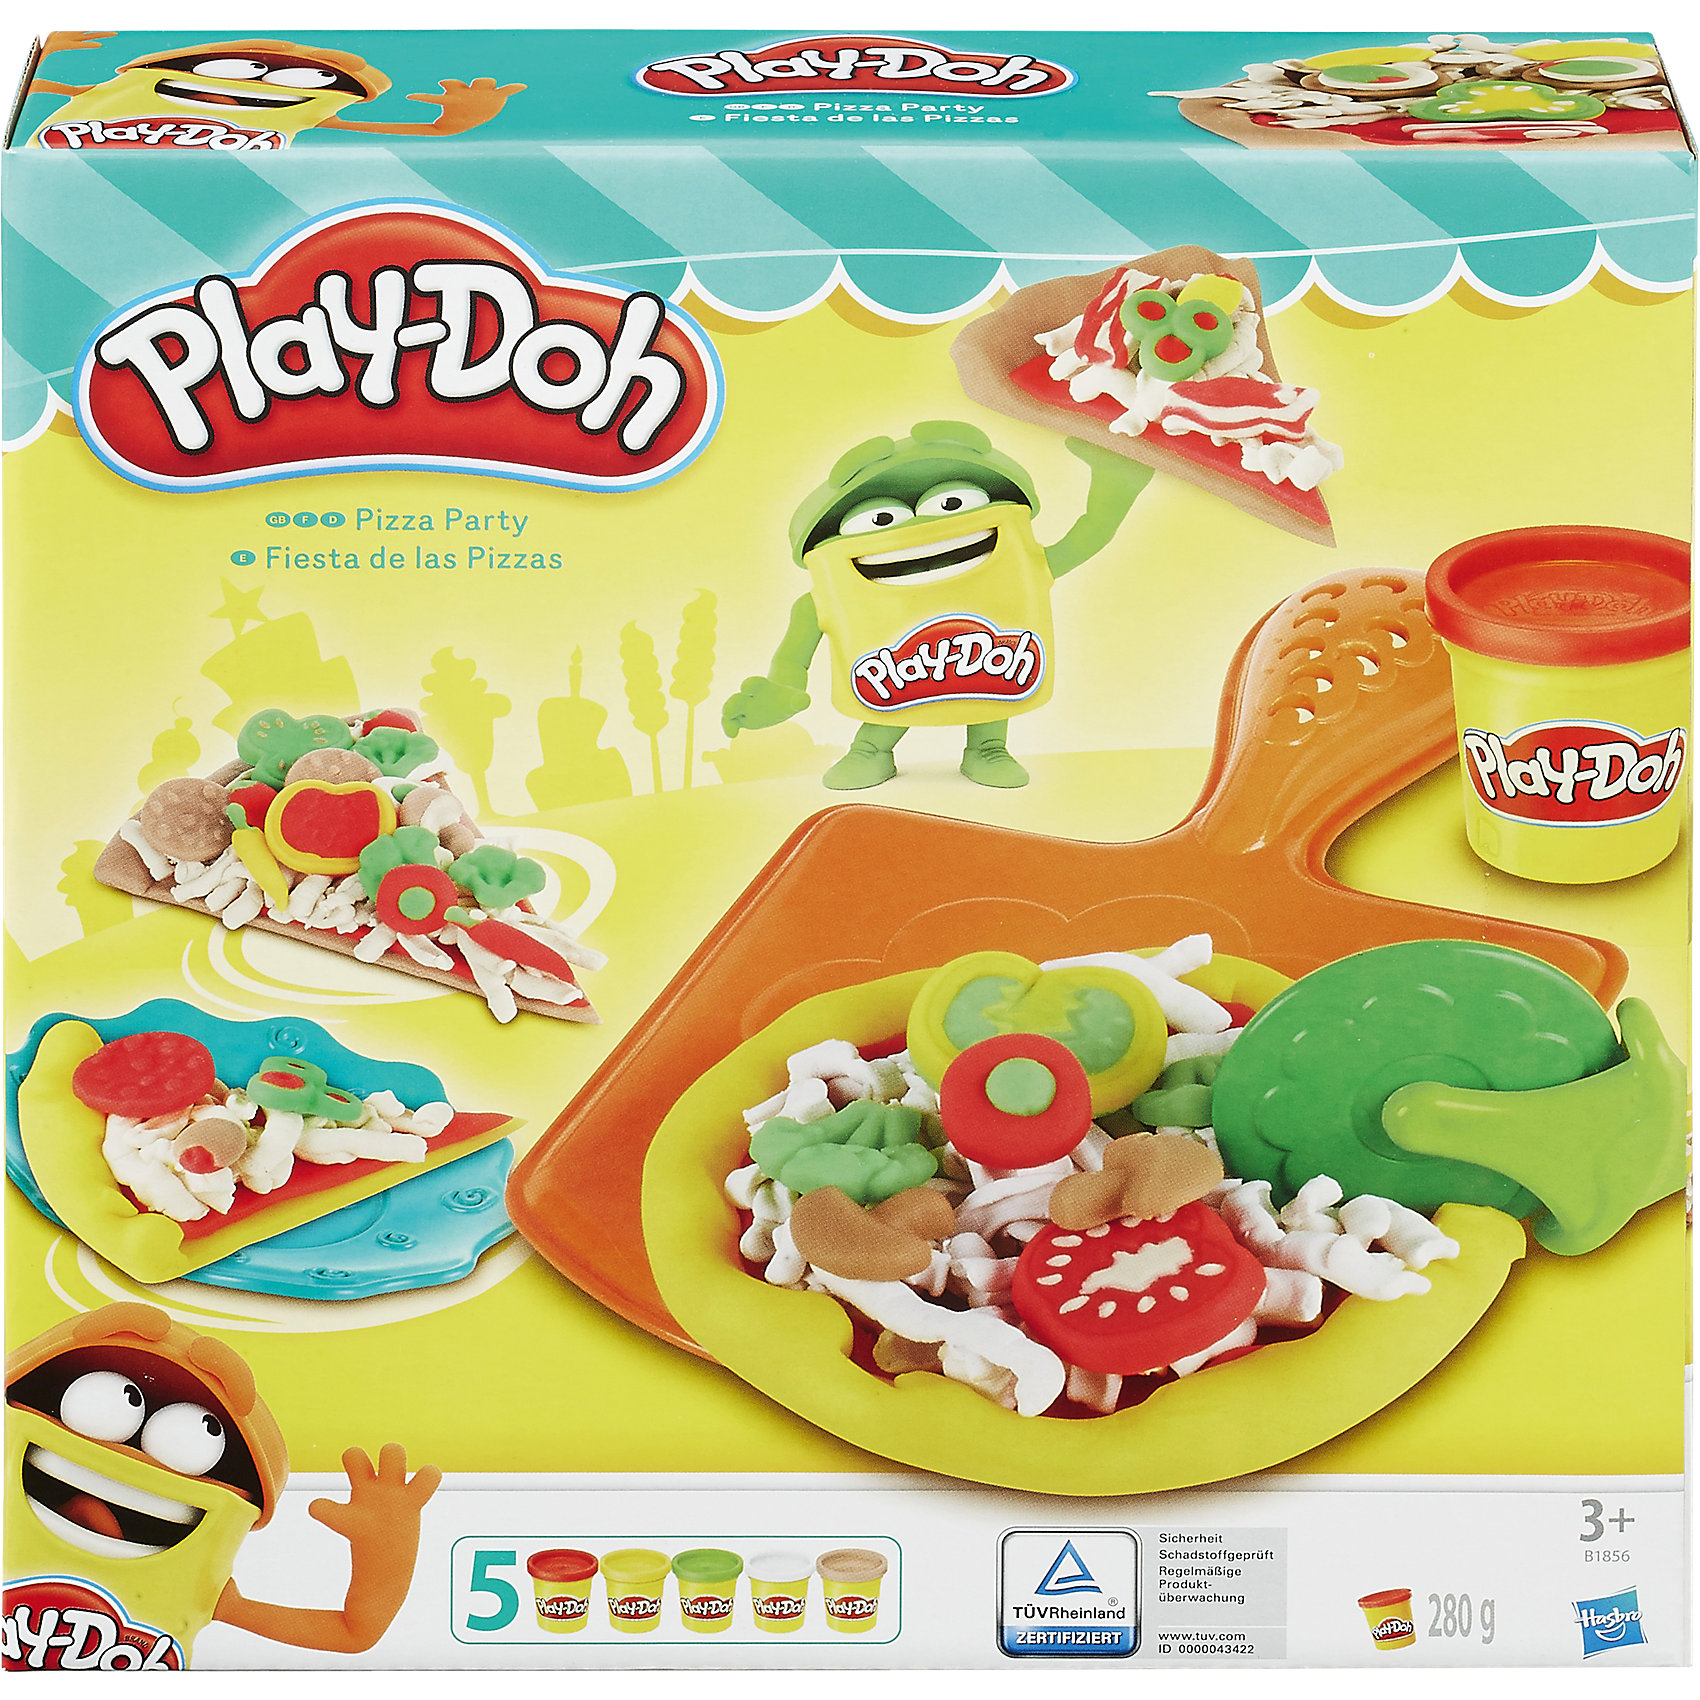 Игровой набор Пицца, Play-DohИгровой набор Пицца, Play-Doh - замечательный набор для игр и творчества, который не оставит равнодушным Вашего ребенка. Теперь он станет обладателем собственной маленькой пиццерии, где сможет изобретать и готовить множество новых видов пиццы и угощать своих друзей. Большое разнообразие аксессуаров, входящих в набор, открывают безграничный простор для фантазии. Раскатывайте роликом тесто для пиццы и выкладывайте на него тертый сыр и любимые начинки. Готовую пиццу можно уложить в специальную коробочку и отправить друзьям или тут же выложить на стол и разрезать ножом. Пластилин Play-Doh (Плей До) не липнет к рукам и поверхностям, легко собирается обратно в банку и быстро застывает. Чтобы пластилин стал снова мягким, его достаточно смочить водой, он приготовлен на растительной основе и полностью безопасен для детей. В комплекте входят форма для пиццы, полуформа для выпечки, коробка для пиццы, терка для сыра, ролик, вилка, нож, тарелка, нож для пиццы и 5 стандартных баночек Play-Doh. Занятия лепкой развивают у ребенка фантазию, творческие способности и объемное воображение, тренируют координацию движений и мелкую моторику.<br><br>Дополнительная информация:<br><br>- В комплекте: форма для пиццы, полуформа для выпечки, коробка для пиццы, терка для сыра, ролик, вилка, тарелка, пластиковый нож для пиццы, 5 баночек пластилина Play-Doh.<br>- Материал: пластик, пластилин.<br>- Размер упаковки: 23 x 23 x 6 см.<br>- Вес: 0,572 кг.<br><br>Игровой набор Пицца, Play-Doh, можно купить в нашем интернет-магазине.<br><br>Ширина мм: 233<br>Глубина мм: 228<br>Высота мм: 60<br>Вес г: 606<br>Возраст от месяцев: 36<br>Возраст до месяцев: 72<br>Пол: Унисекс<br>Возраст: Детский<br>SKU: 4156436